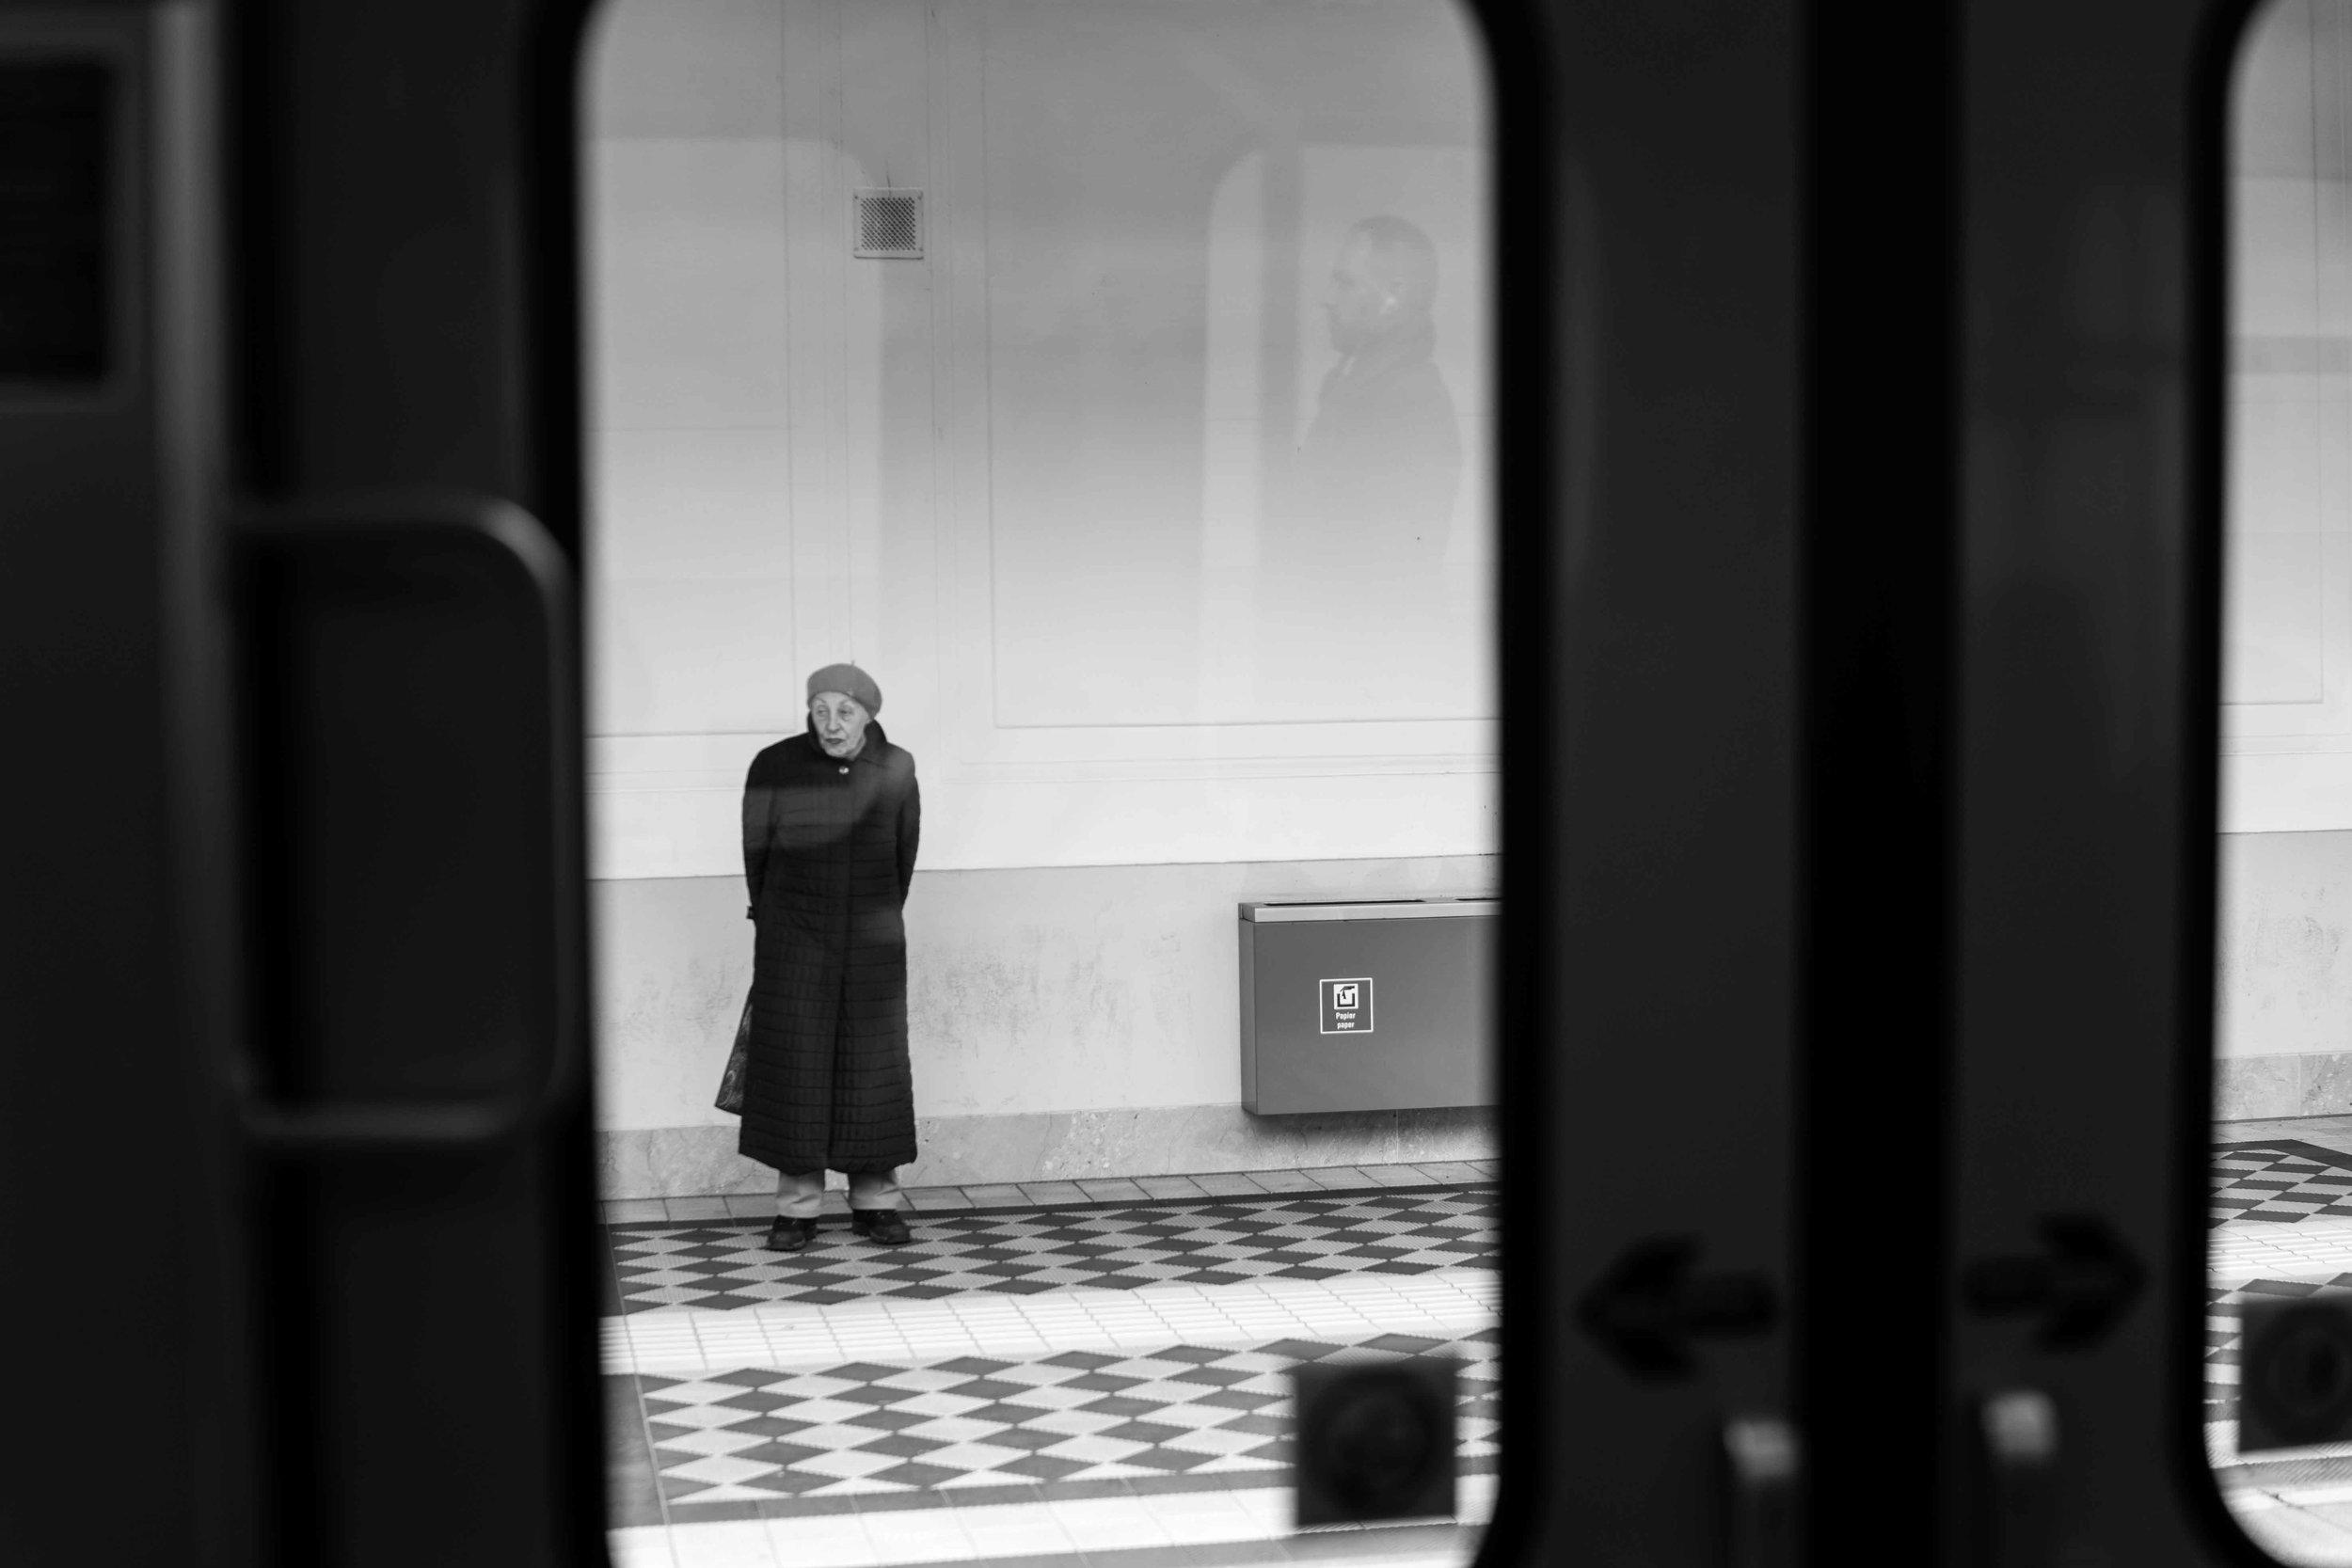 Un mio scatto durante l'arrivo in treno alla stazione di Vienna.